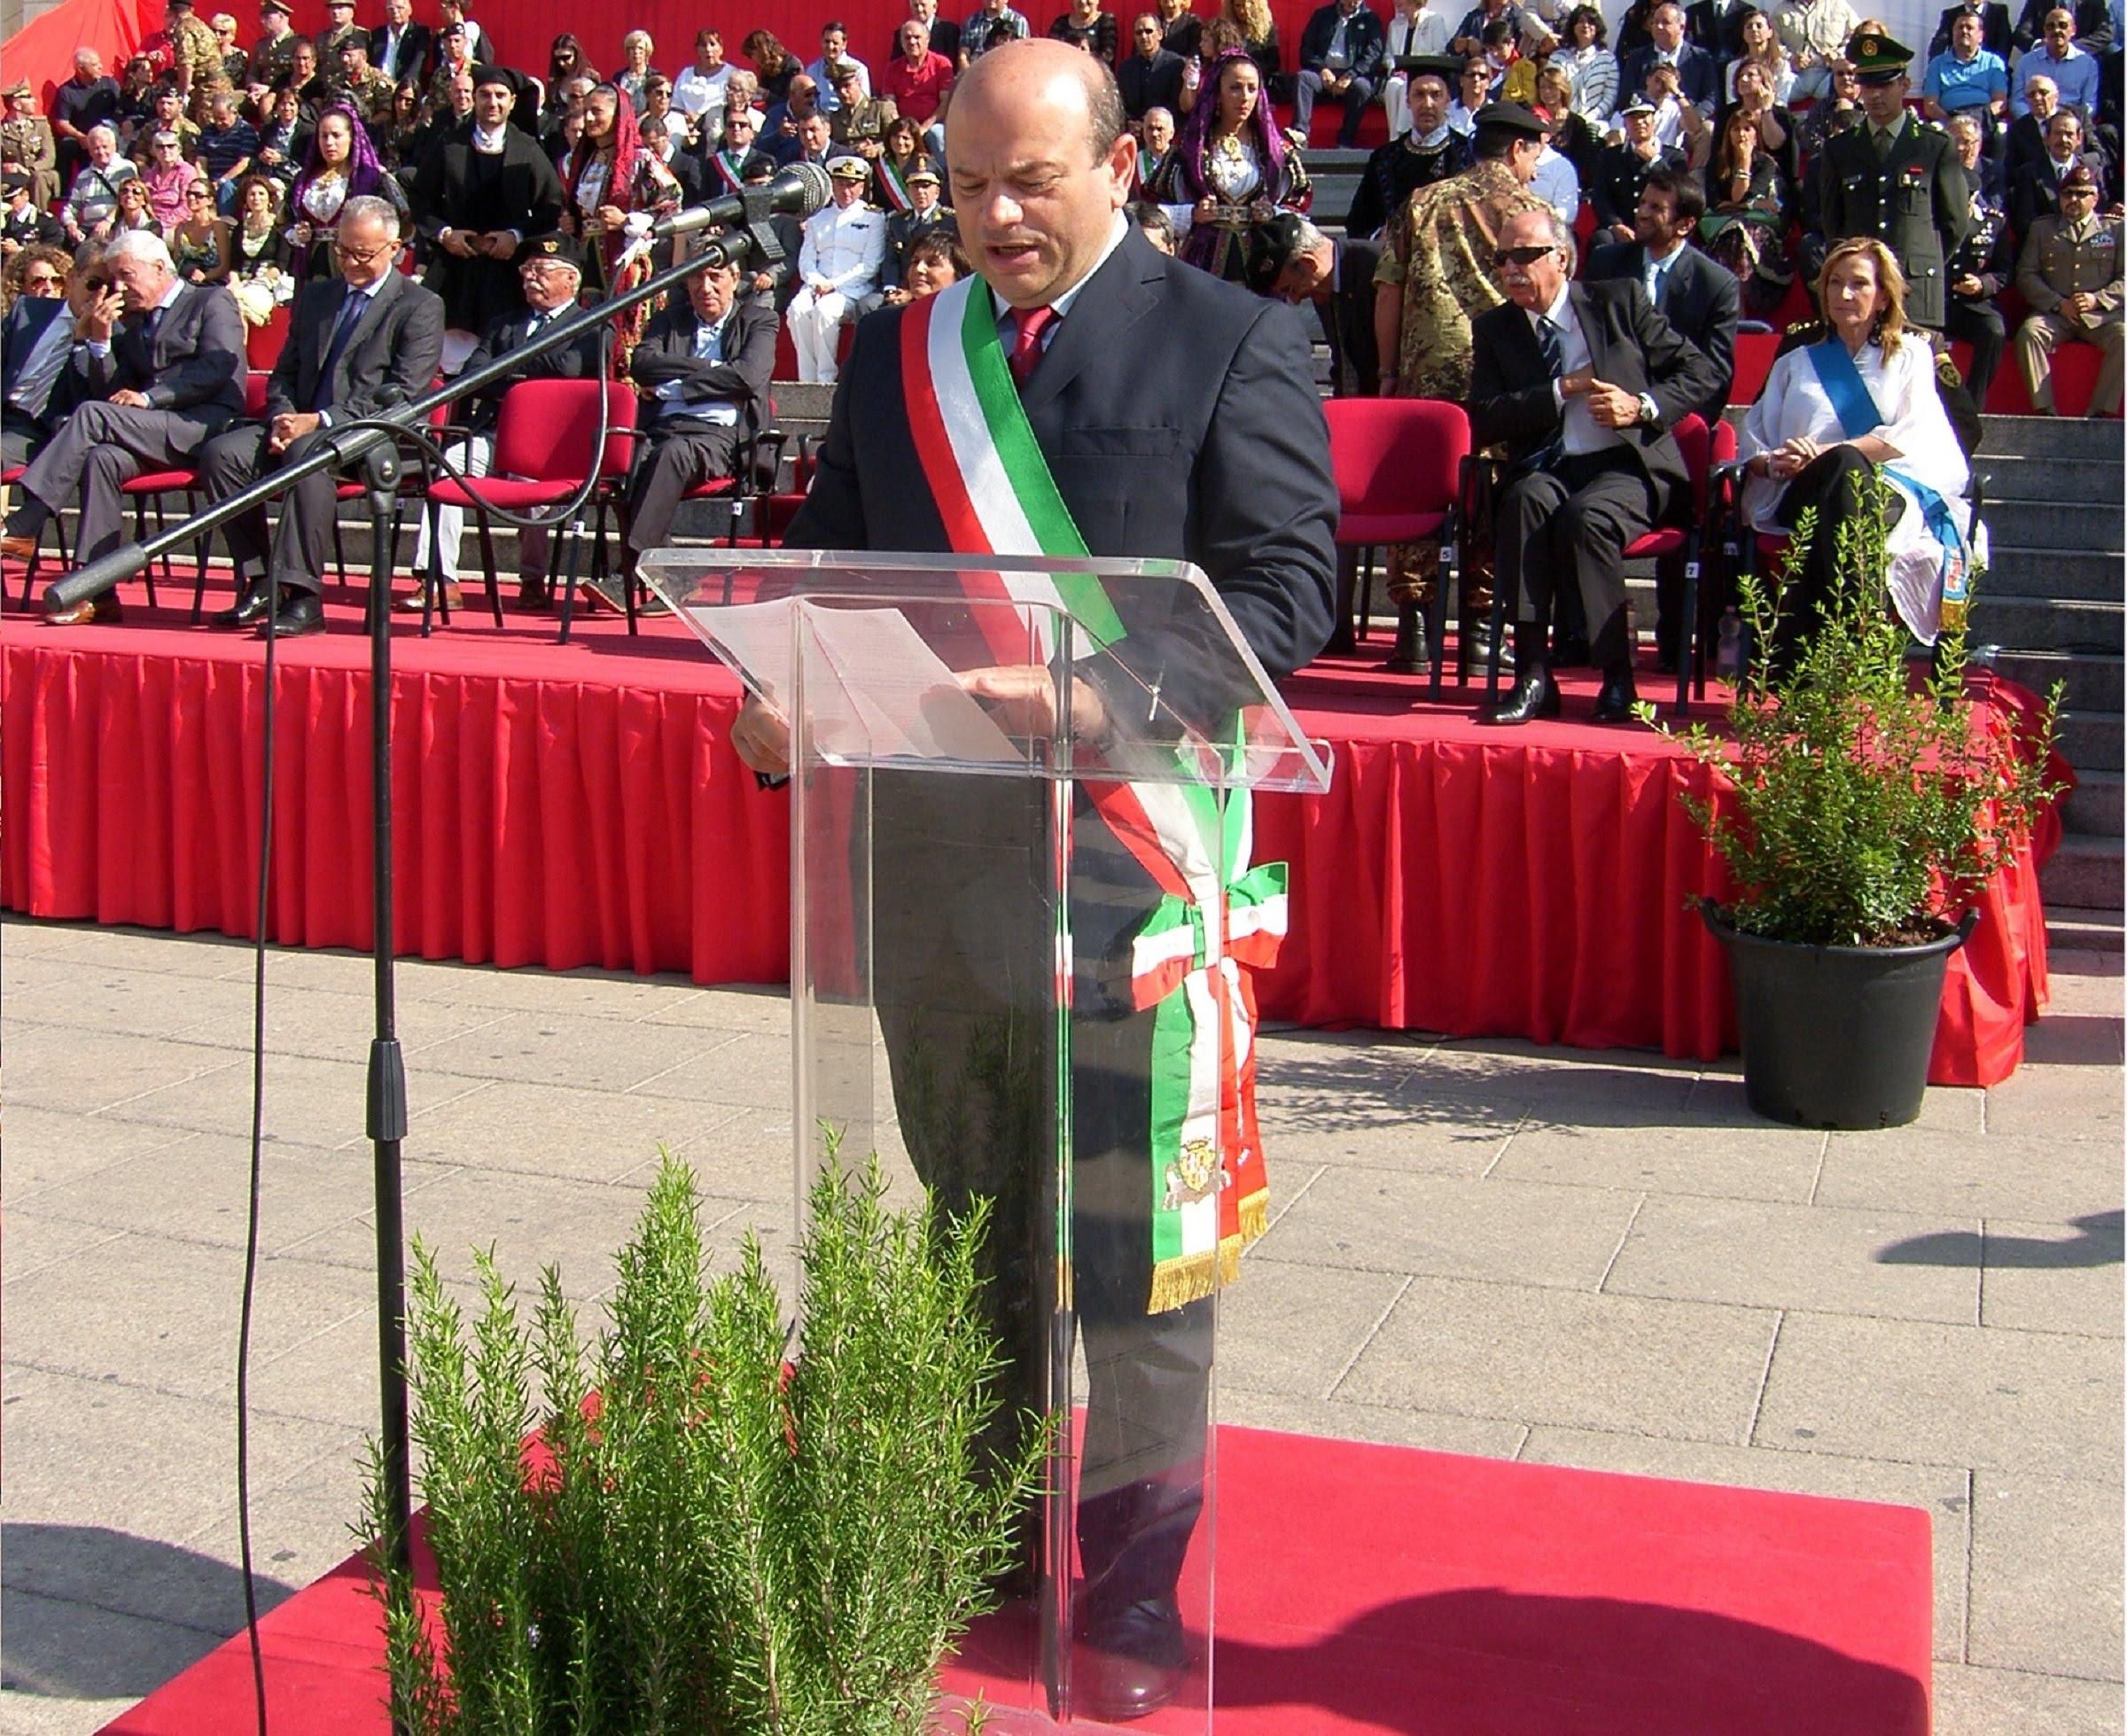 SINDACI, Per Il Sole 24 Ore Nicola Sanna (Sassari) è il primo cittadino più amato fra quelli dei capoluoghi sardi